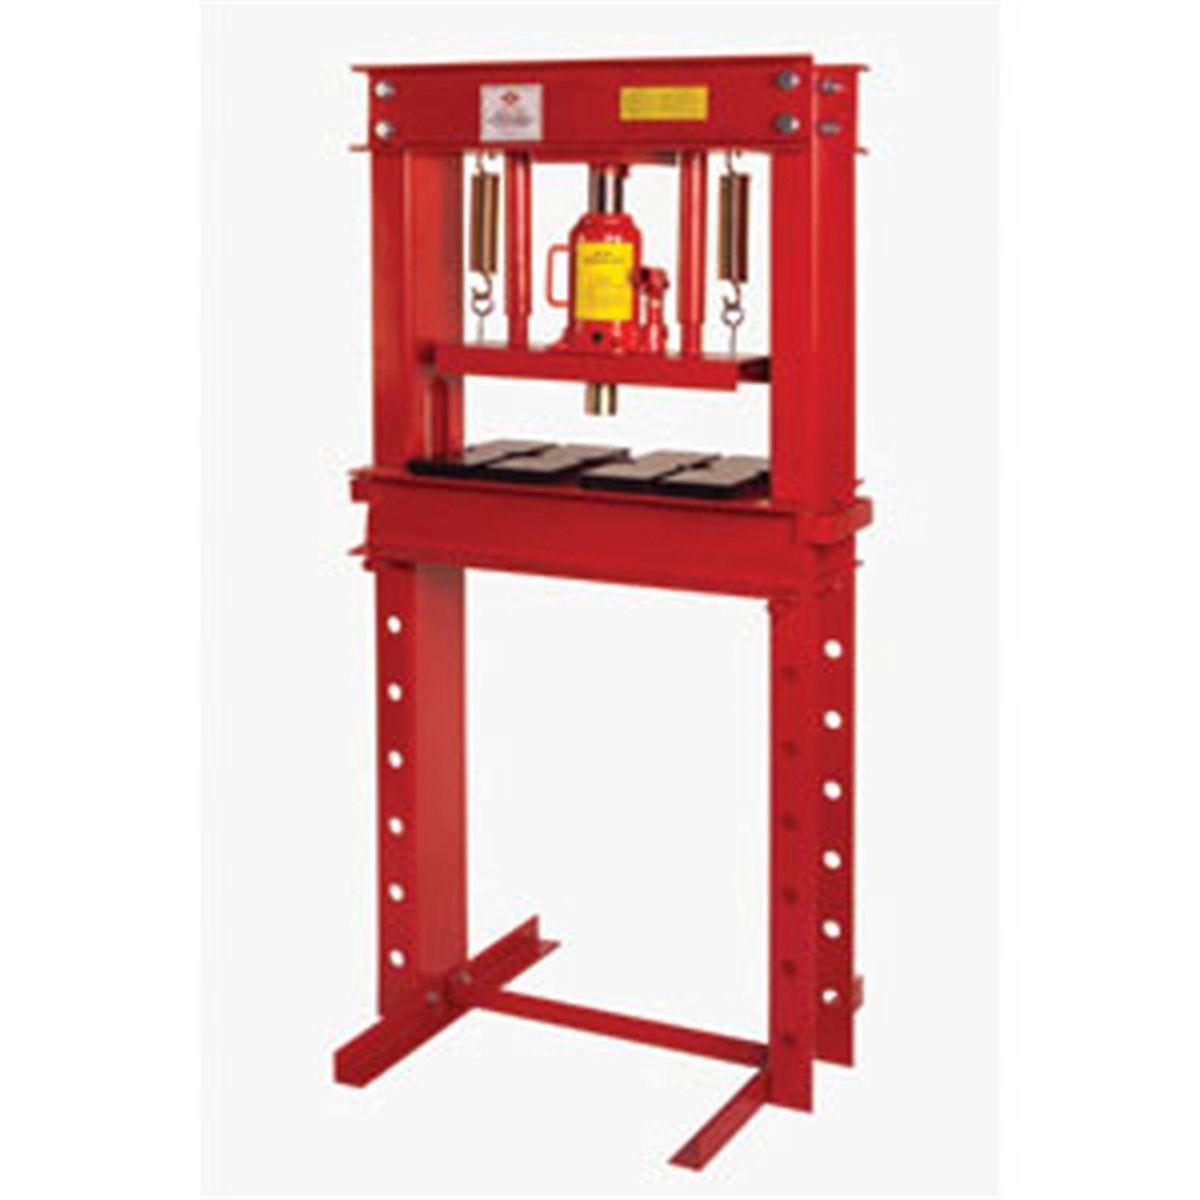 Shop Press 20 Ton